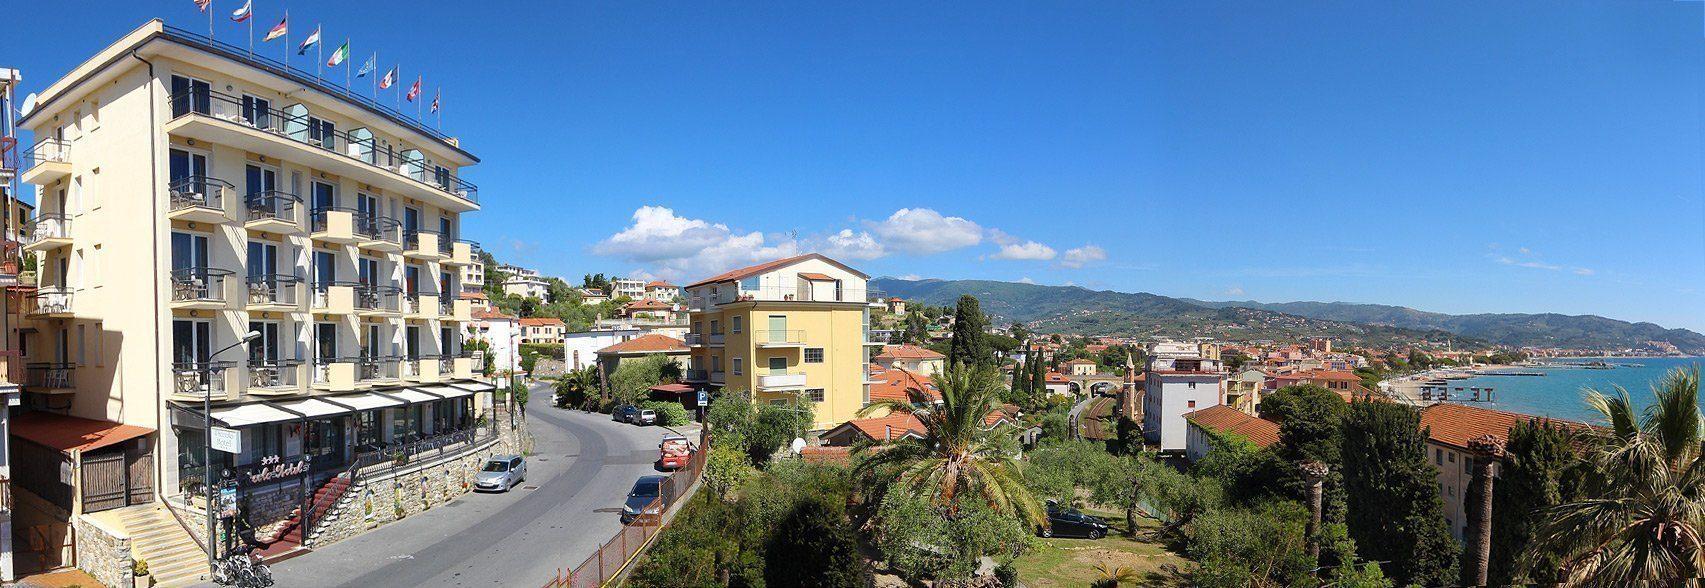 Panorama Piccolo Hotel